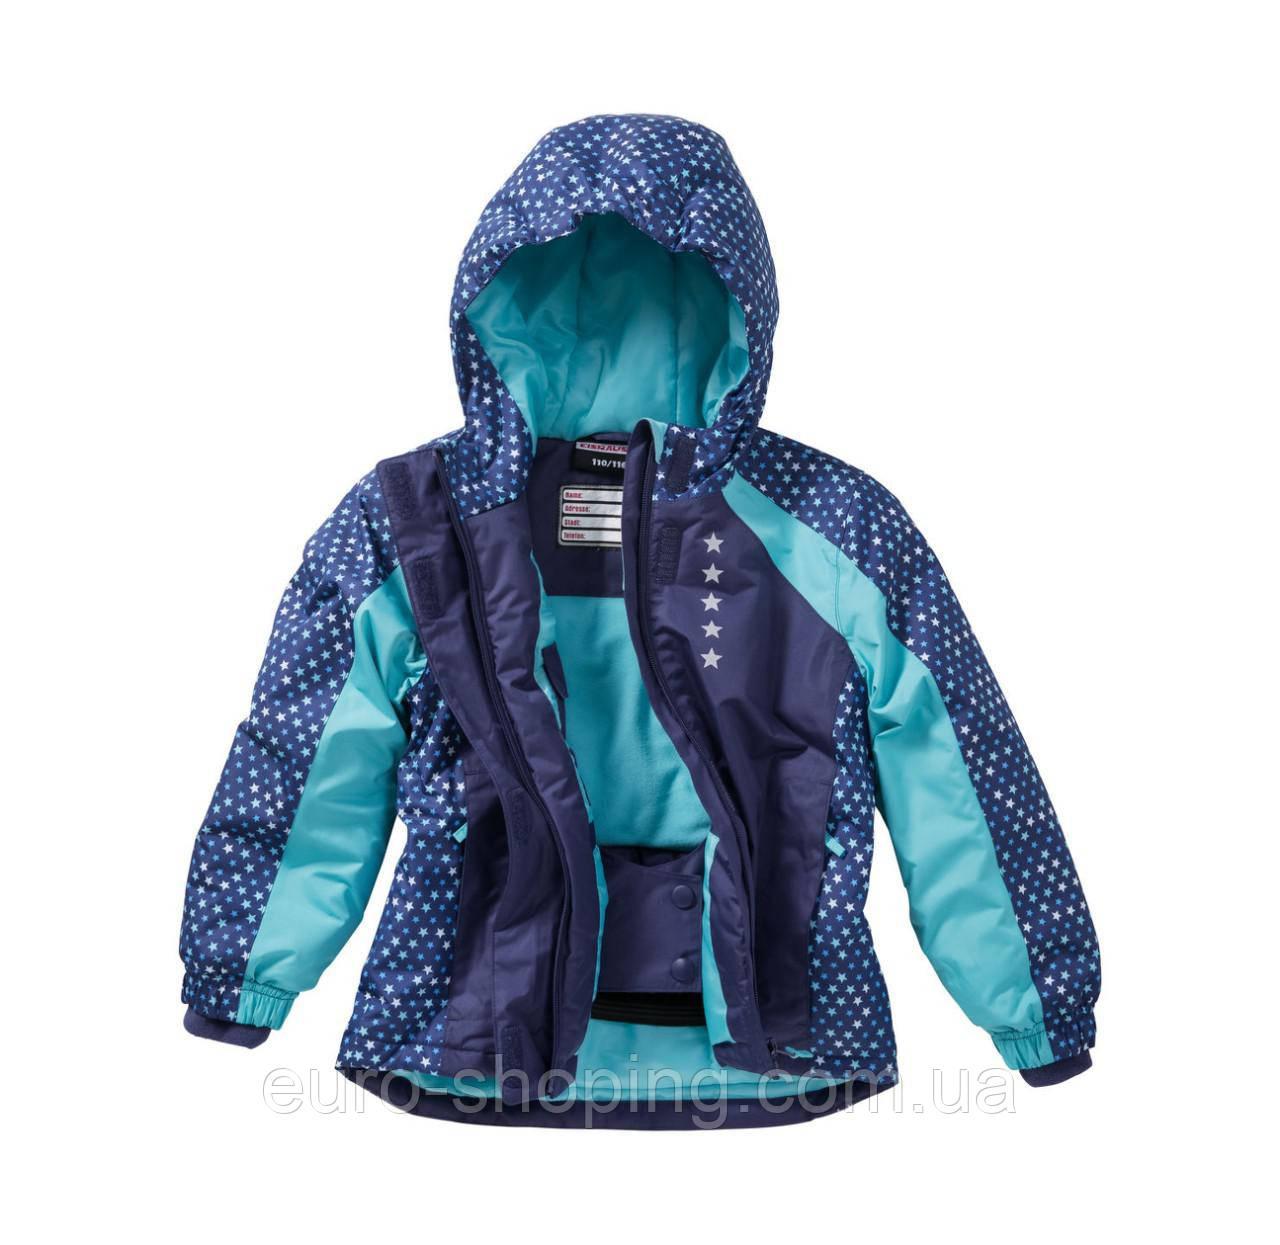 Лыжная термо куртка для девочек! - Шоппинг в Европе! в Ровно